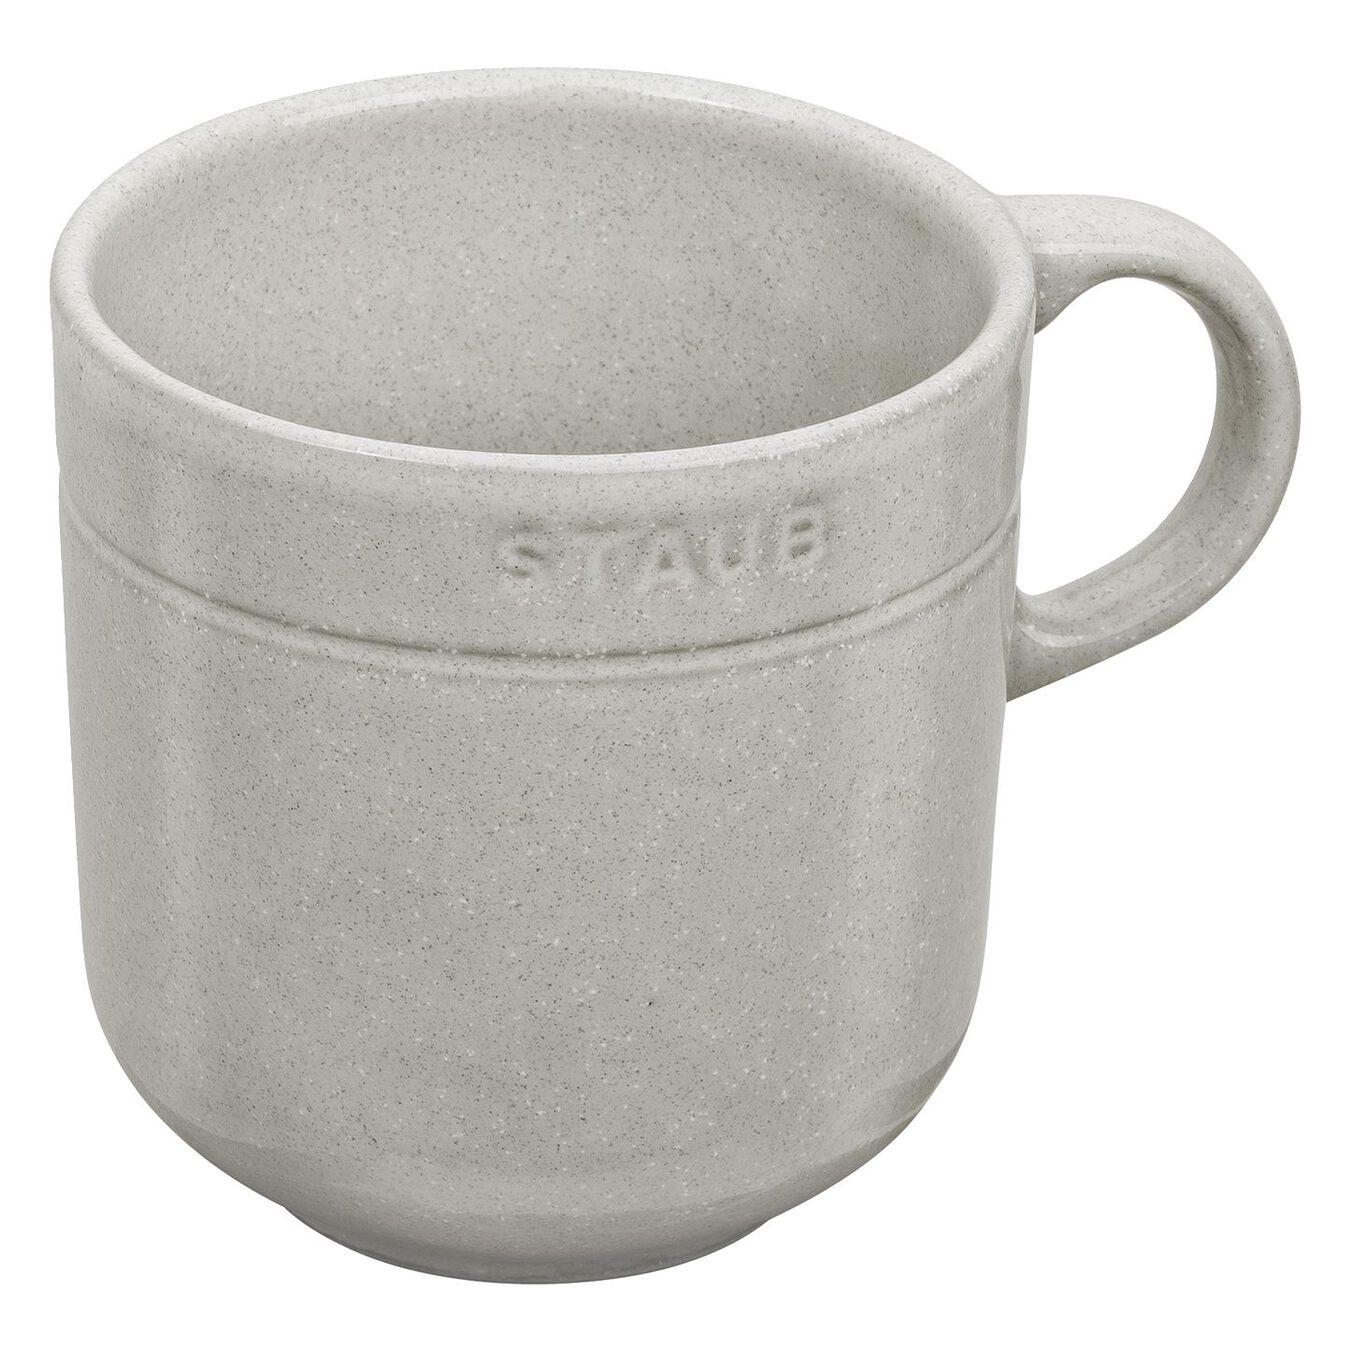 Ceramic round Mug, white truffle,,large 1